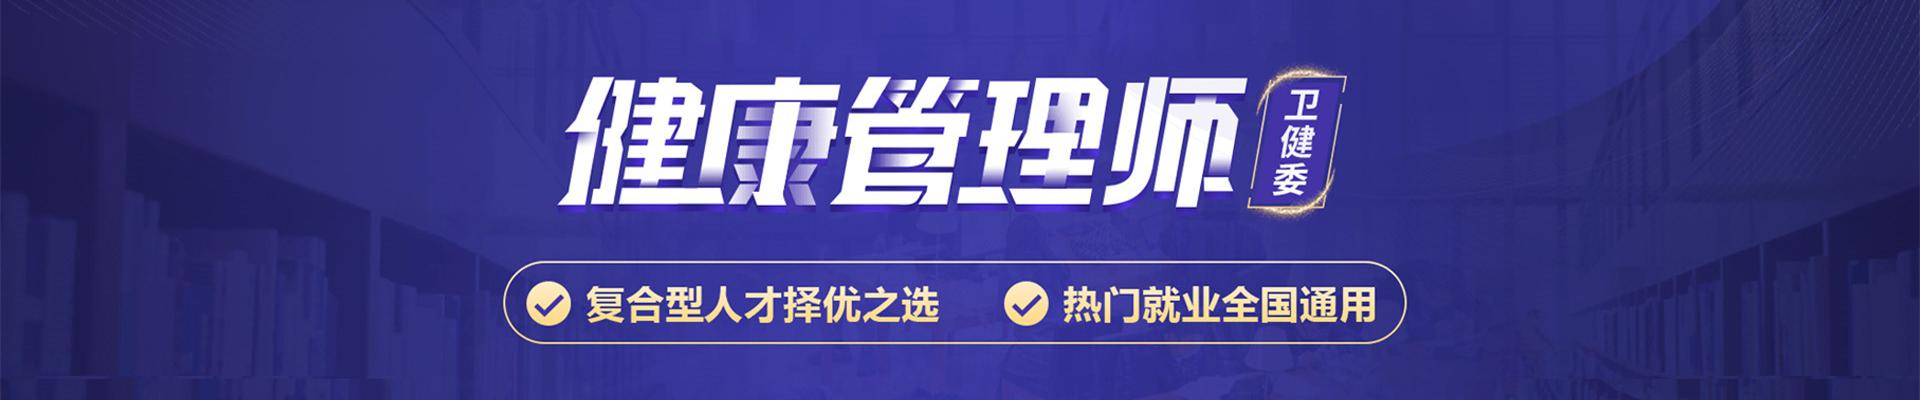 贵州六盘水优路教育培训学校